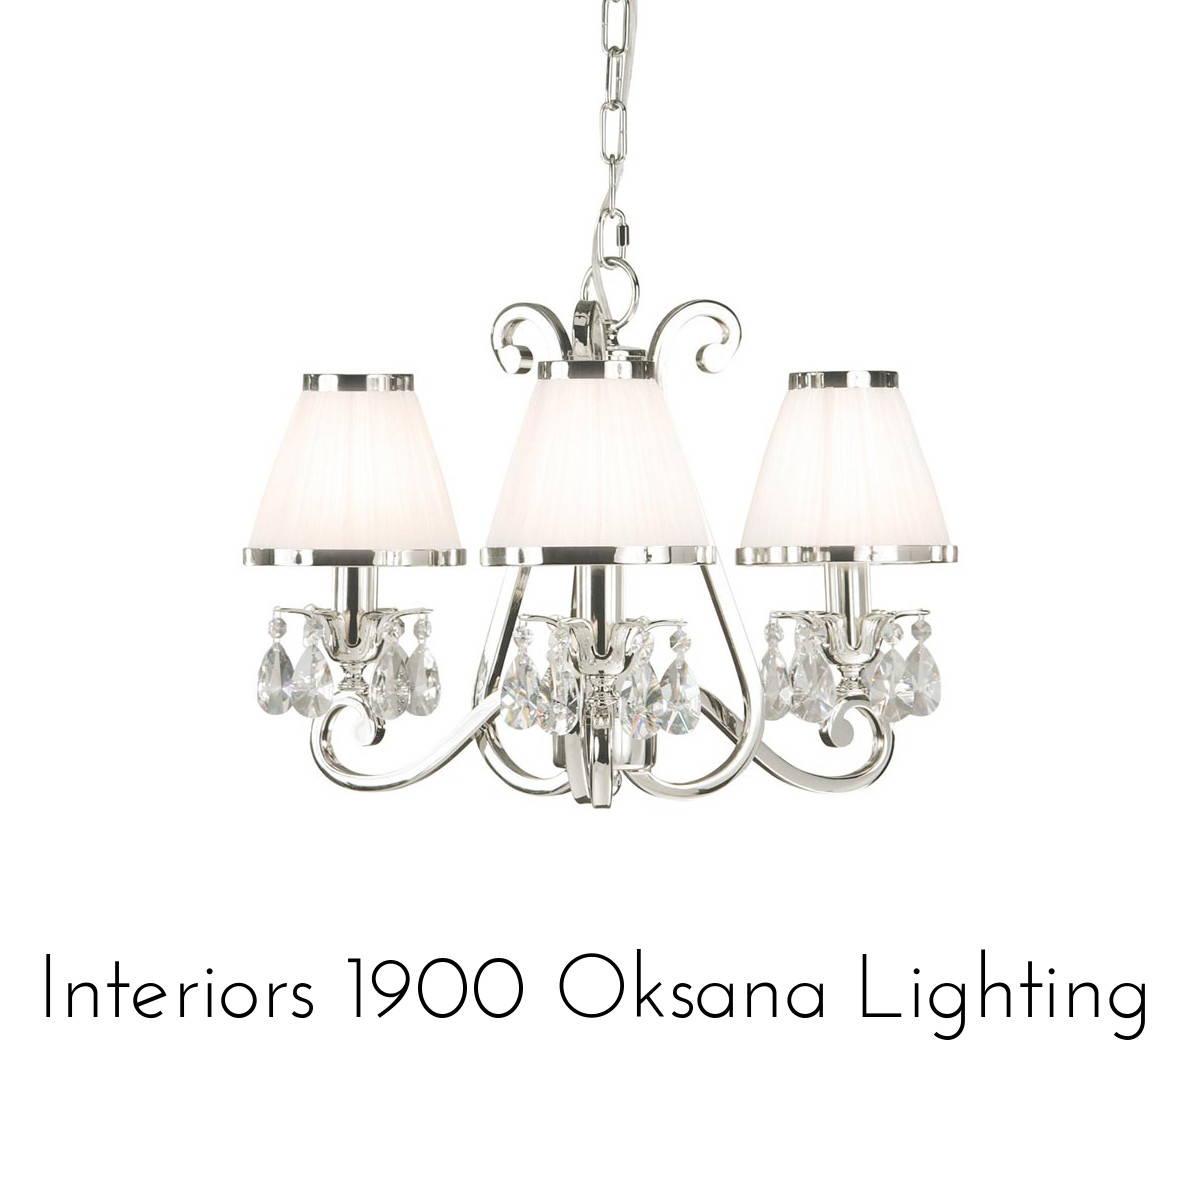 interiors 1900 oksana collection